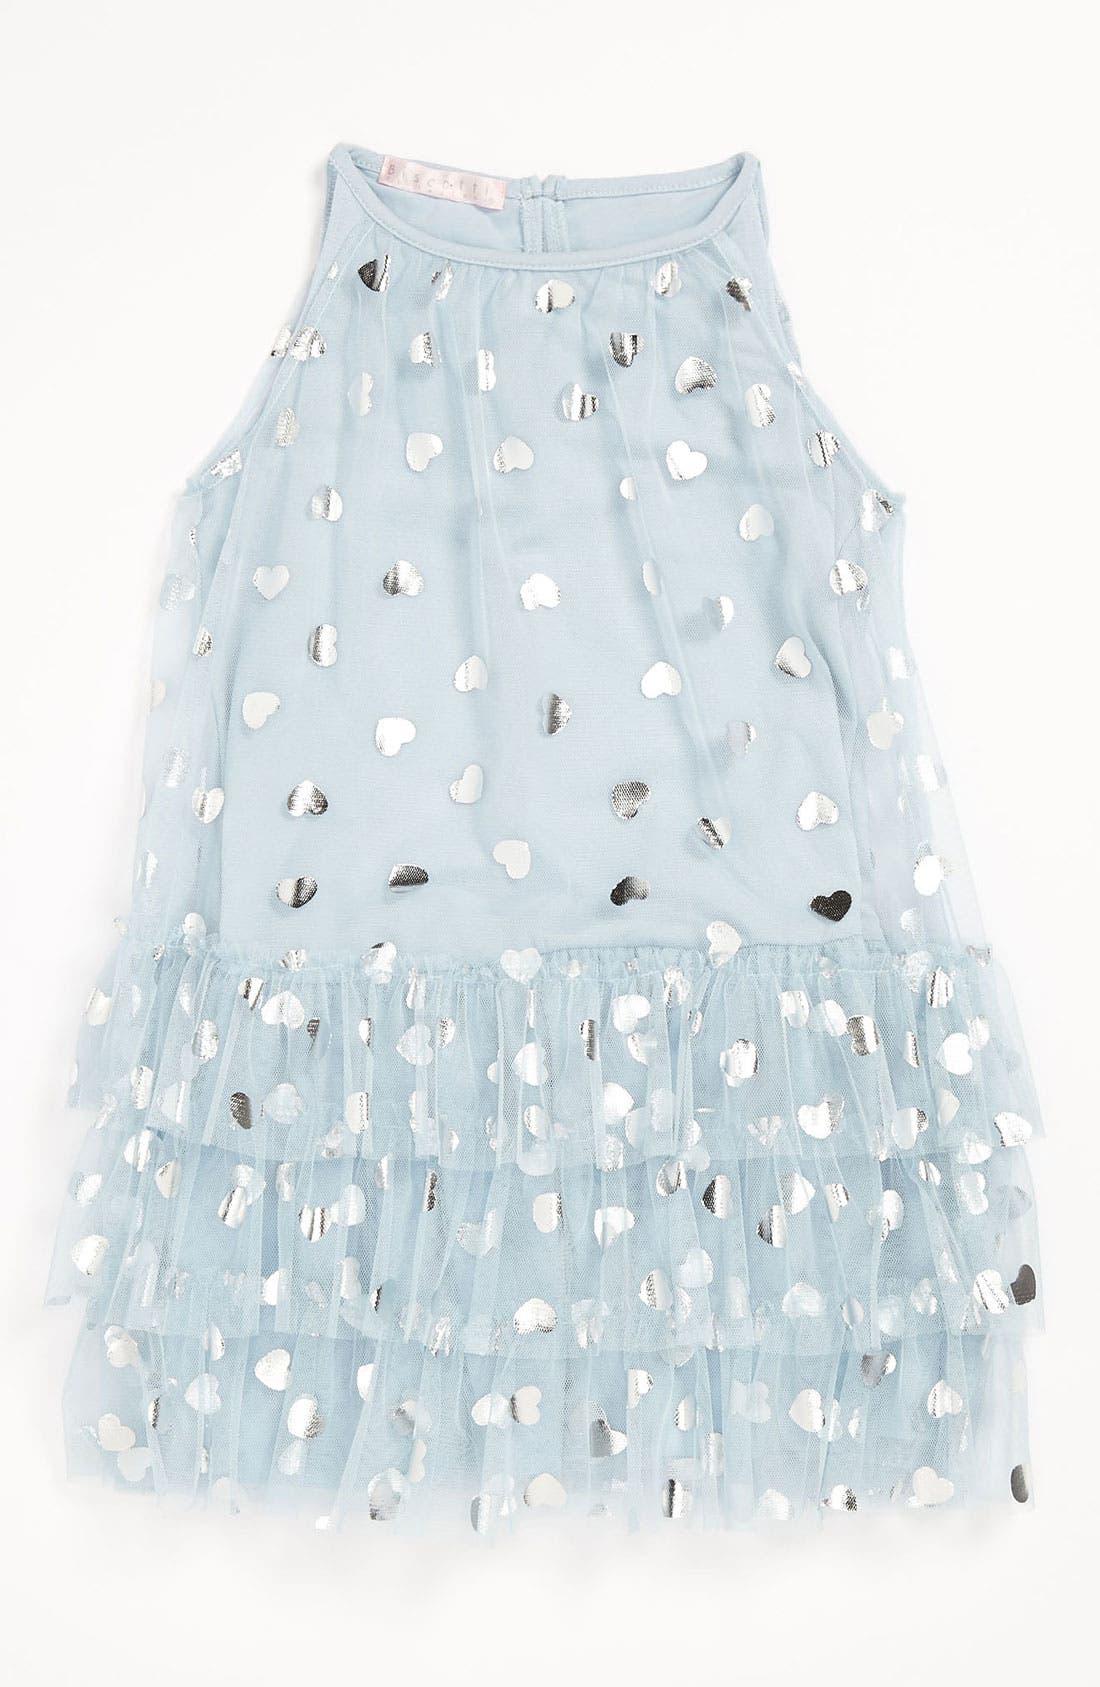 Main Image - Biscotti 'Follow Your Heart' Dress (Little Girls)